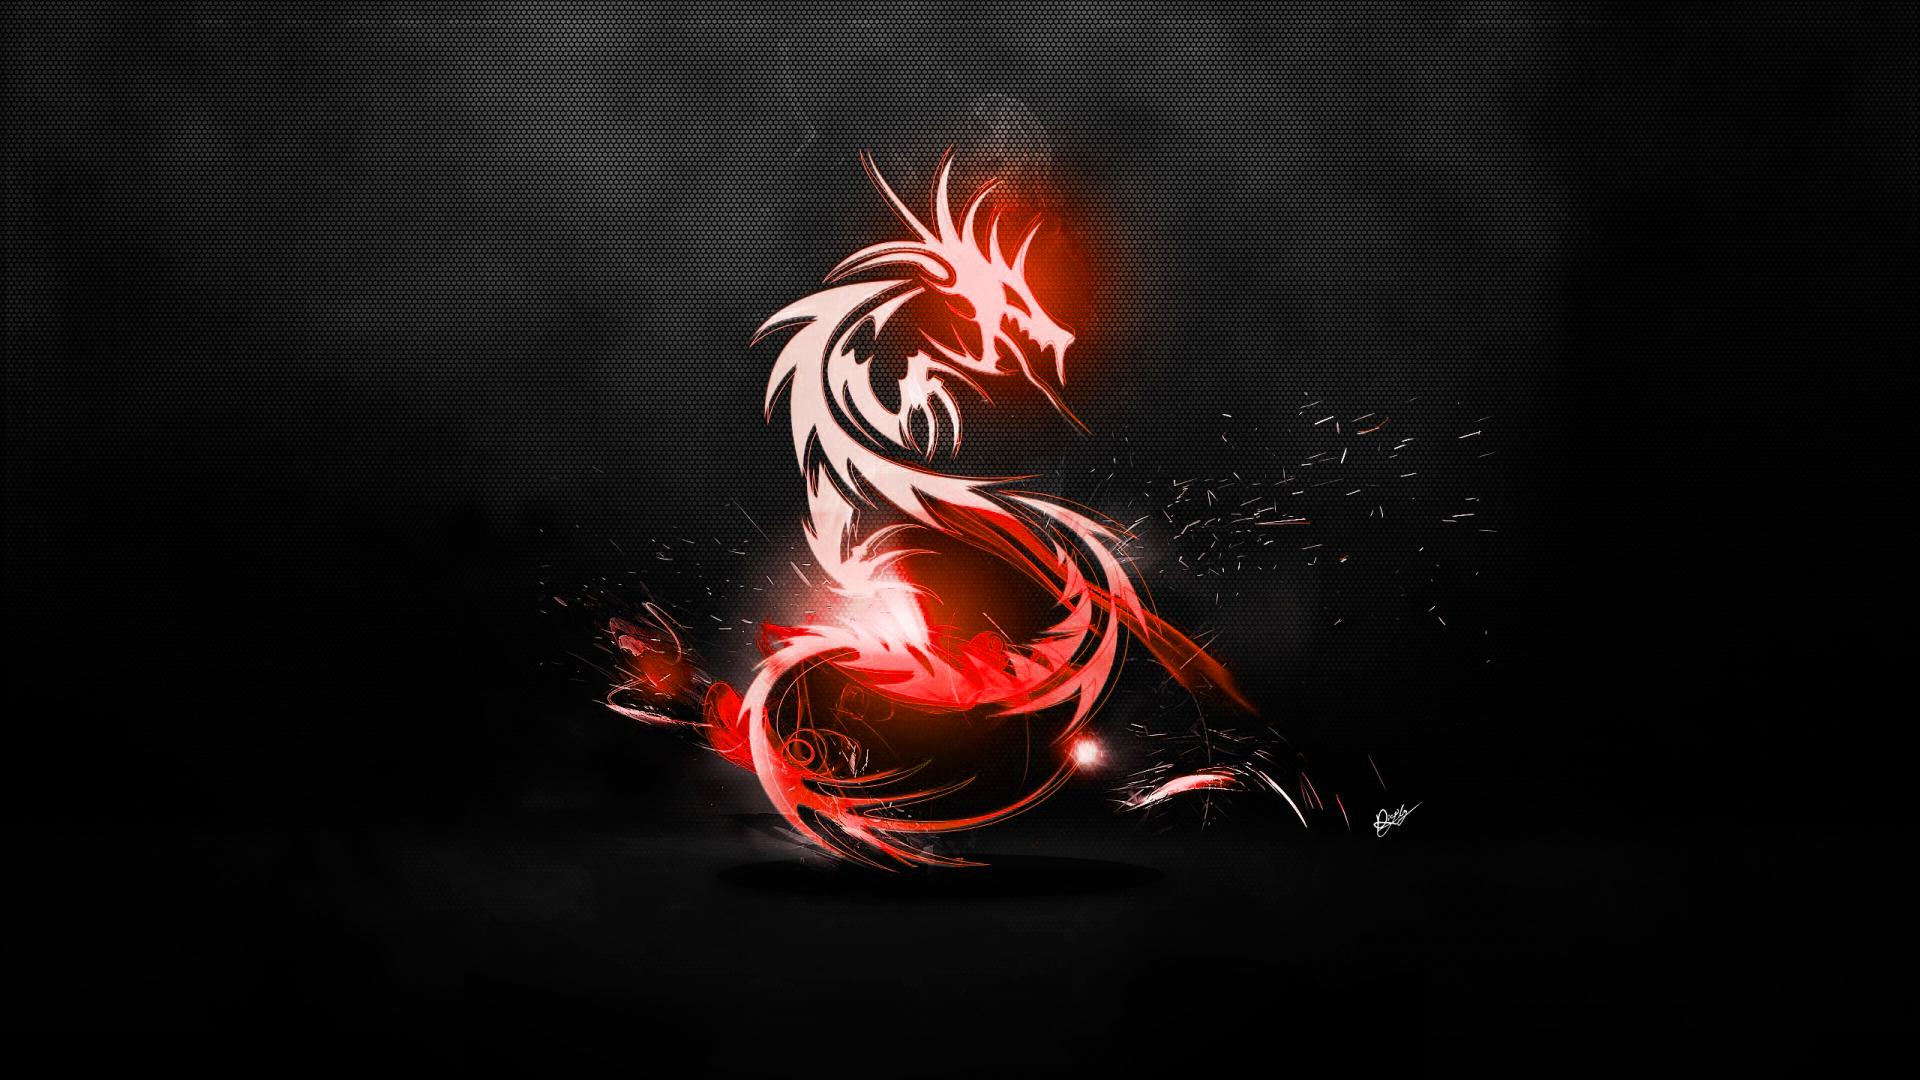 Red Dragon Gaming Wallpaper Wallpapersafari